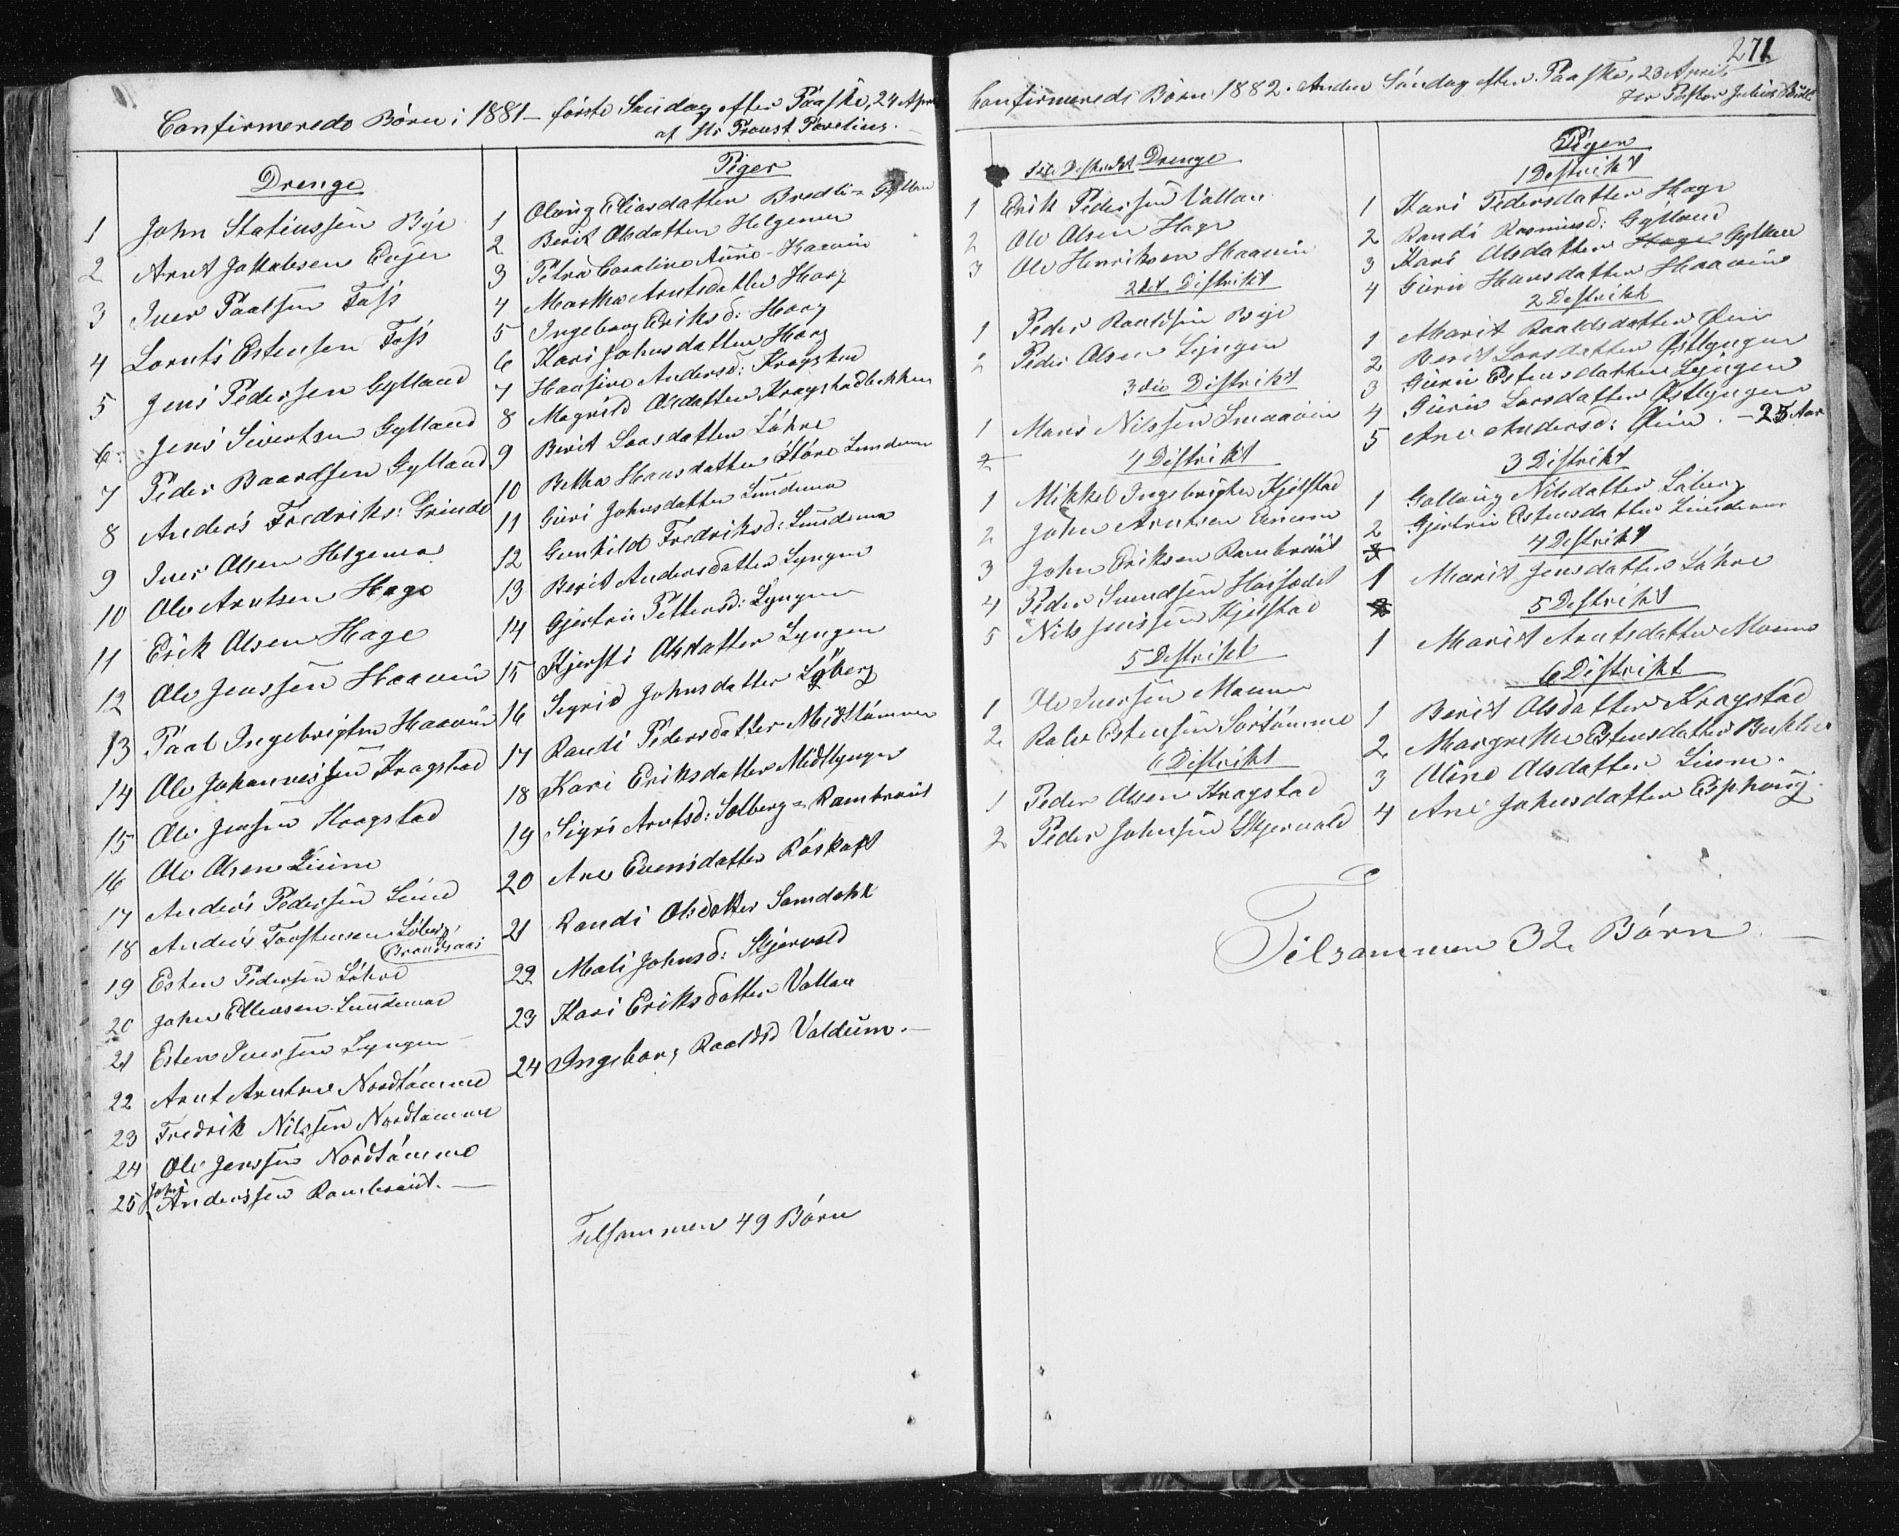 SAT, Ministerialprotokoller, klokkerbøker og fødselsregistre - Sør-Trøndelag, 692/L1110: Klokkerbok nr. 692C05, 1849-1889, s. 271